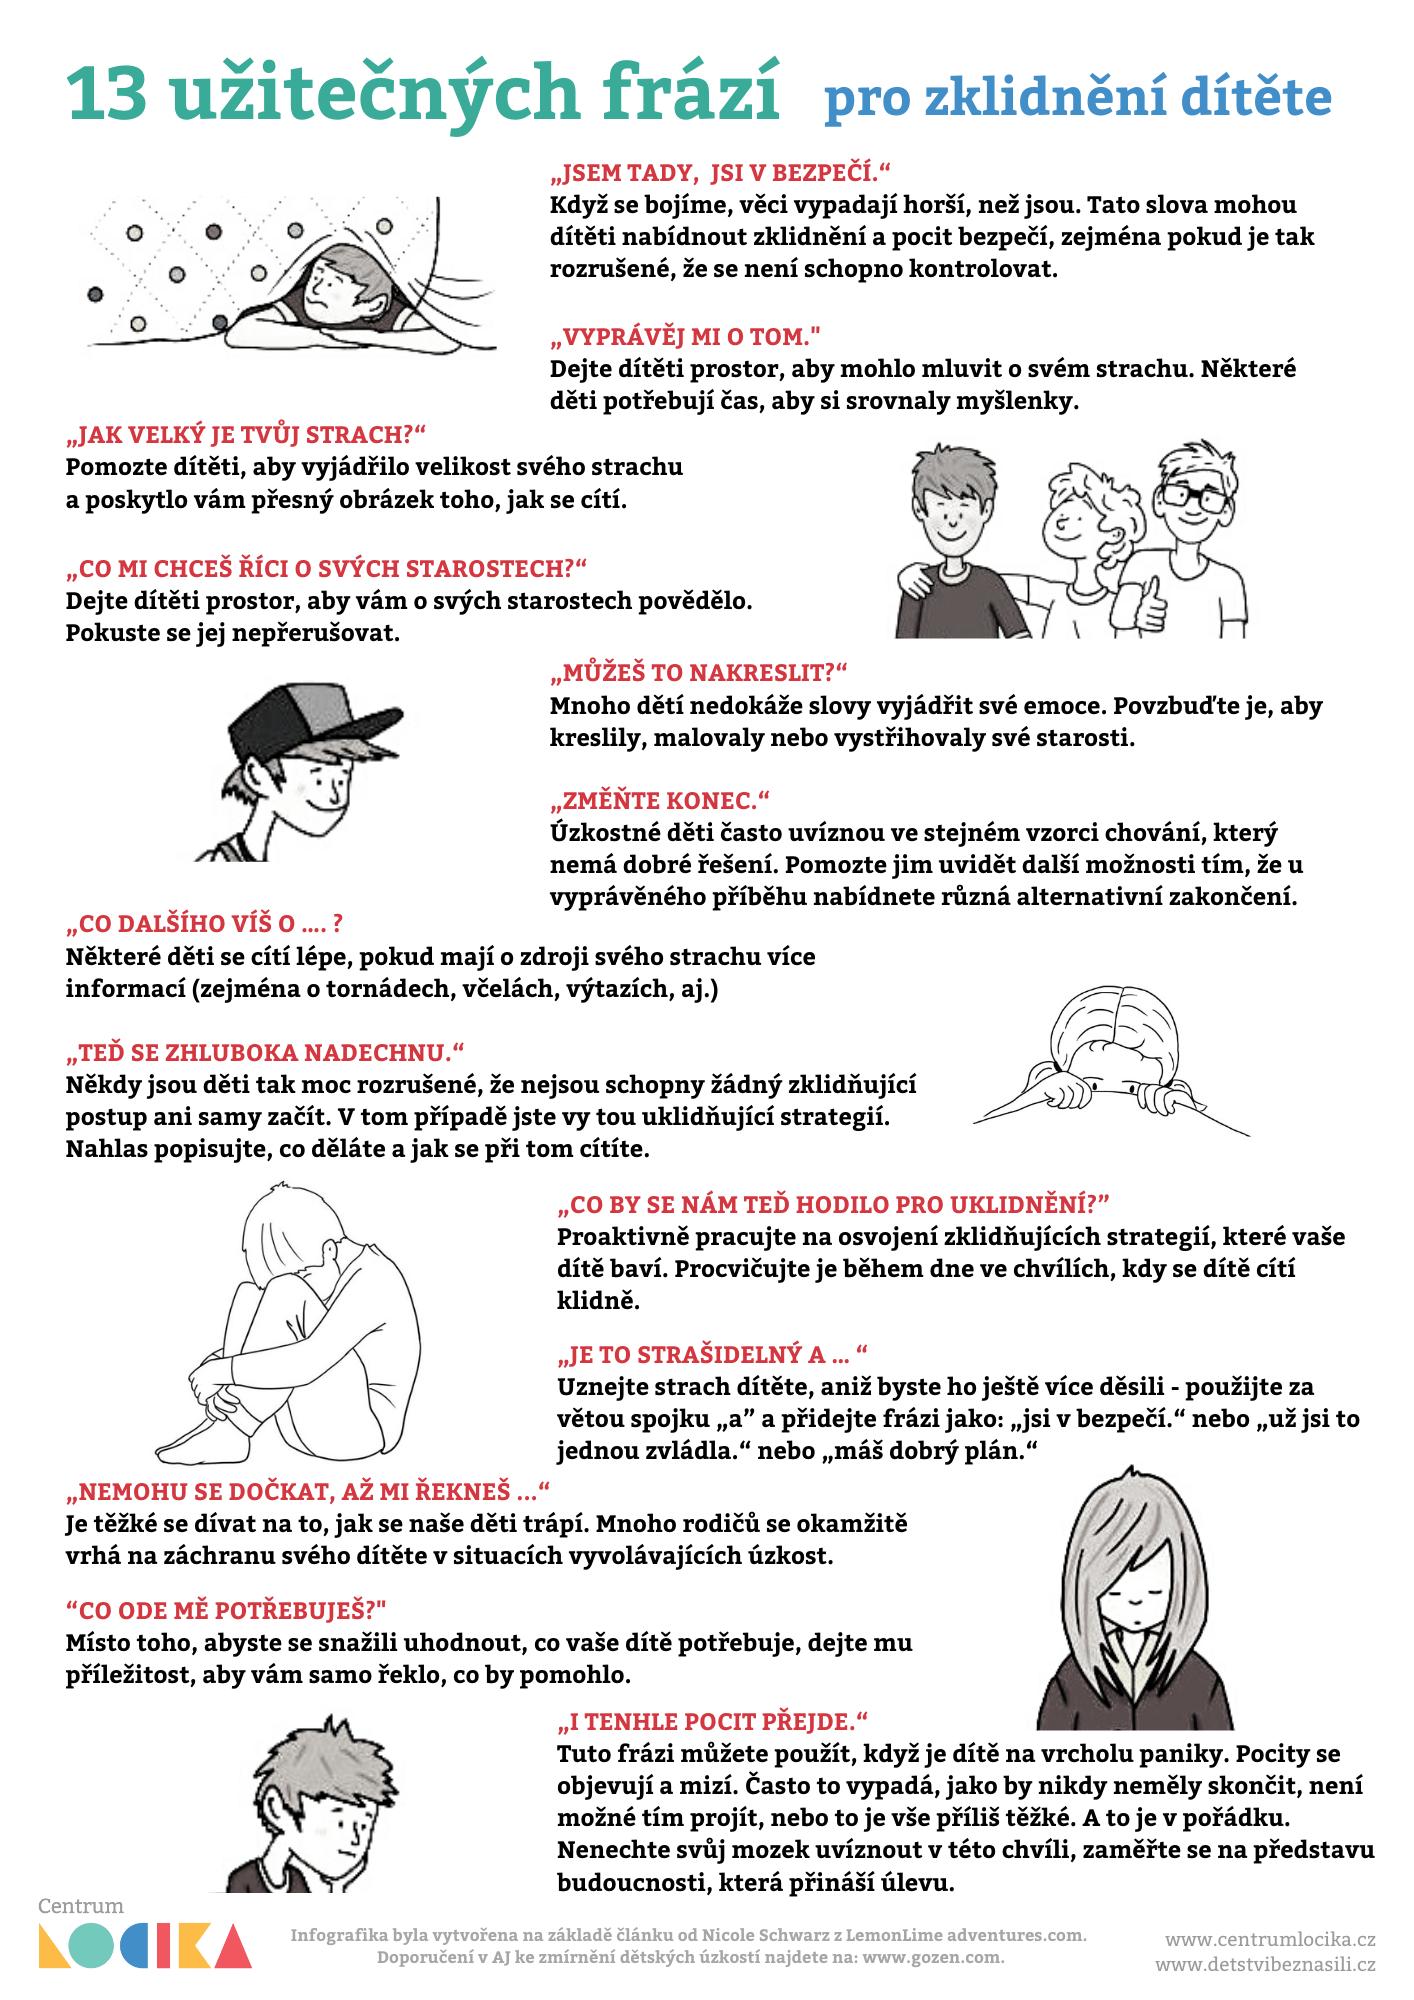 13 užitečných fází pro zklidnění dítěte